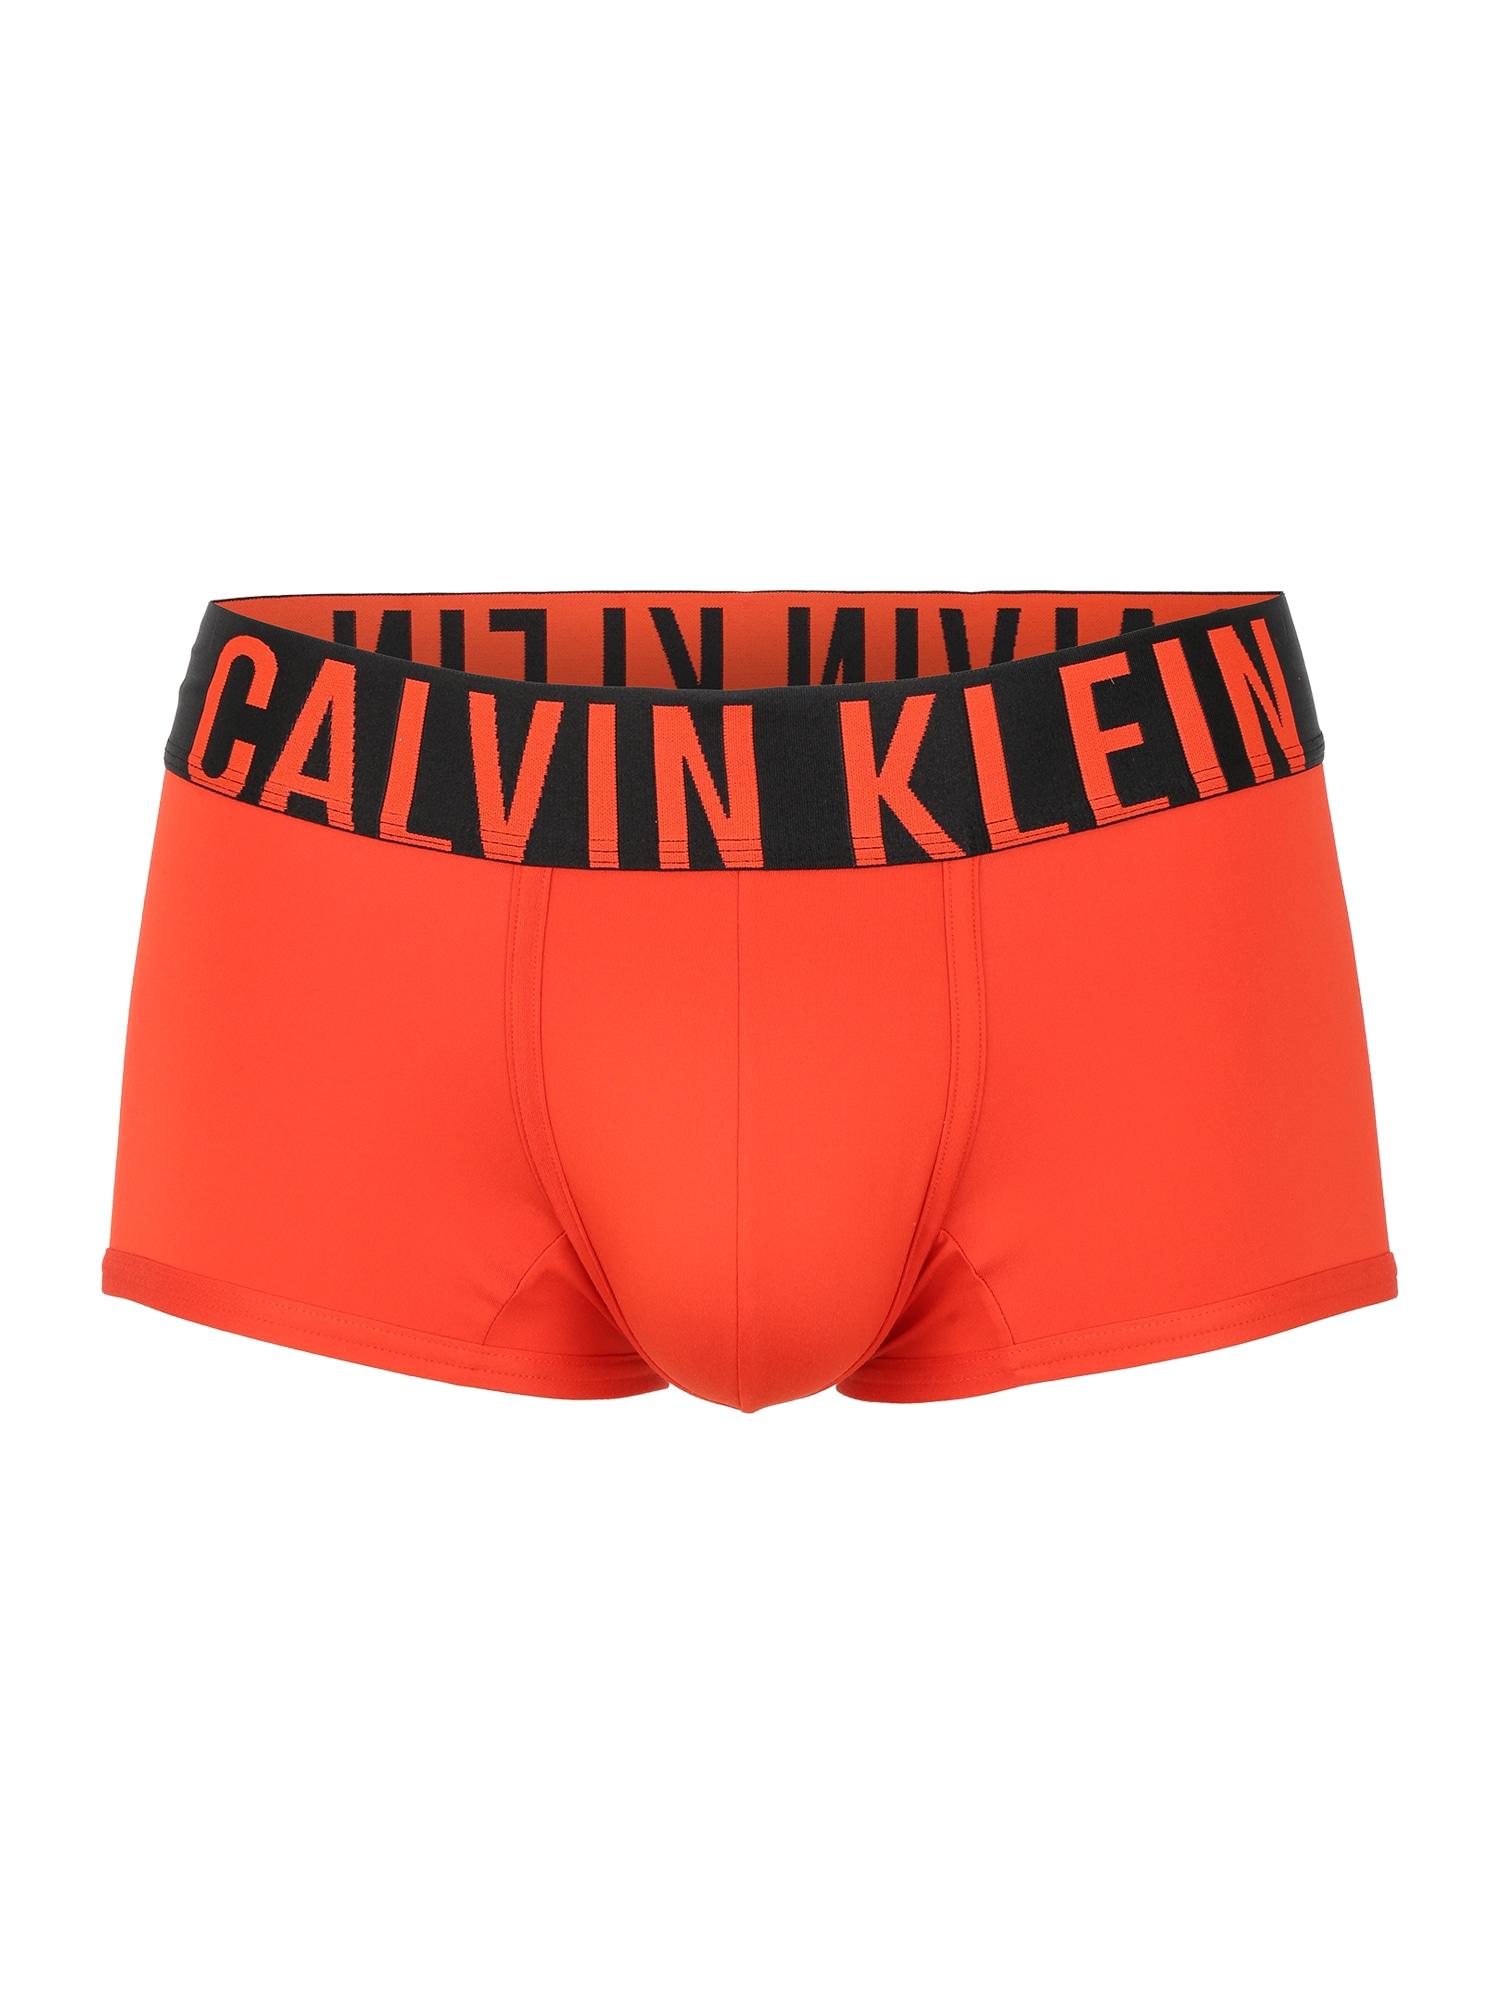 Calvin Klein Underwear Boxer trumpikės oranžinė-raudona